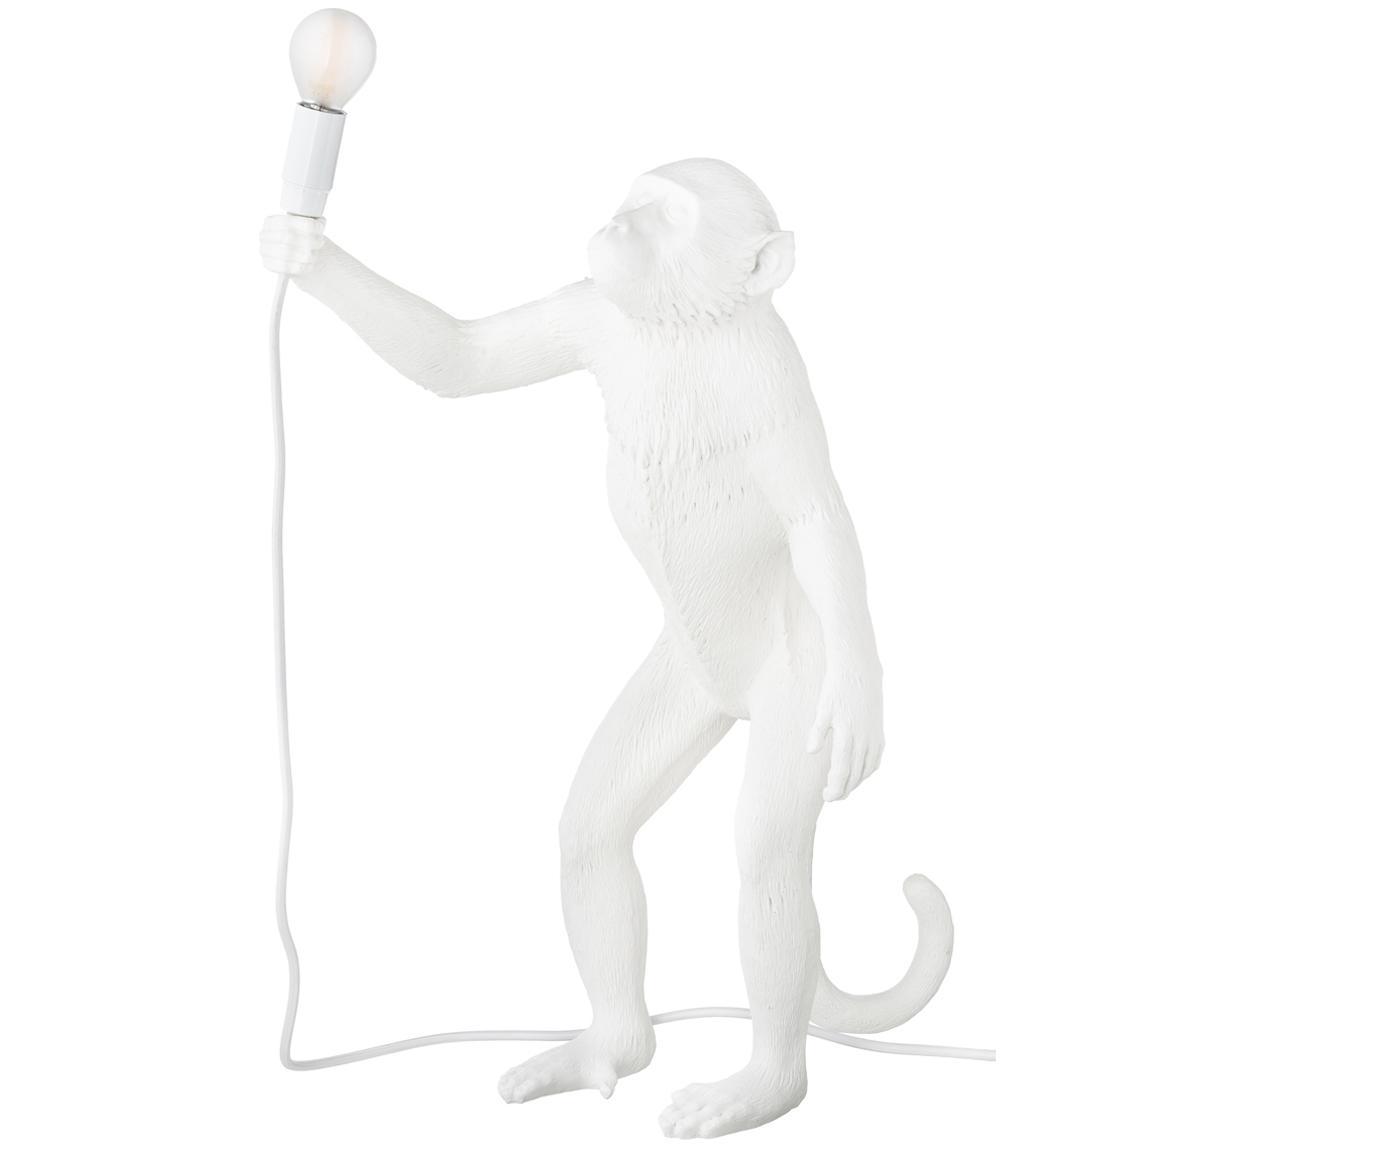 LED buitentafellamp Monkey, Kunsthars, Wit, 46 x 54 cm